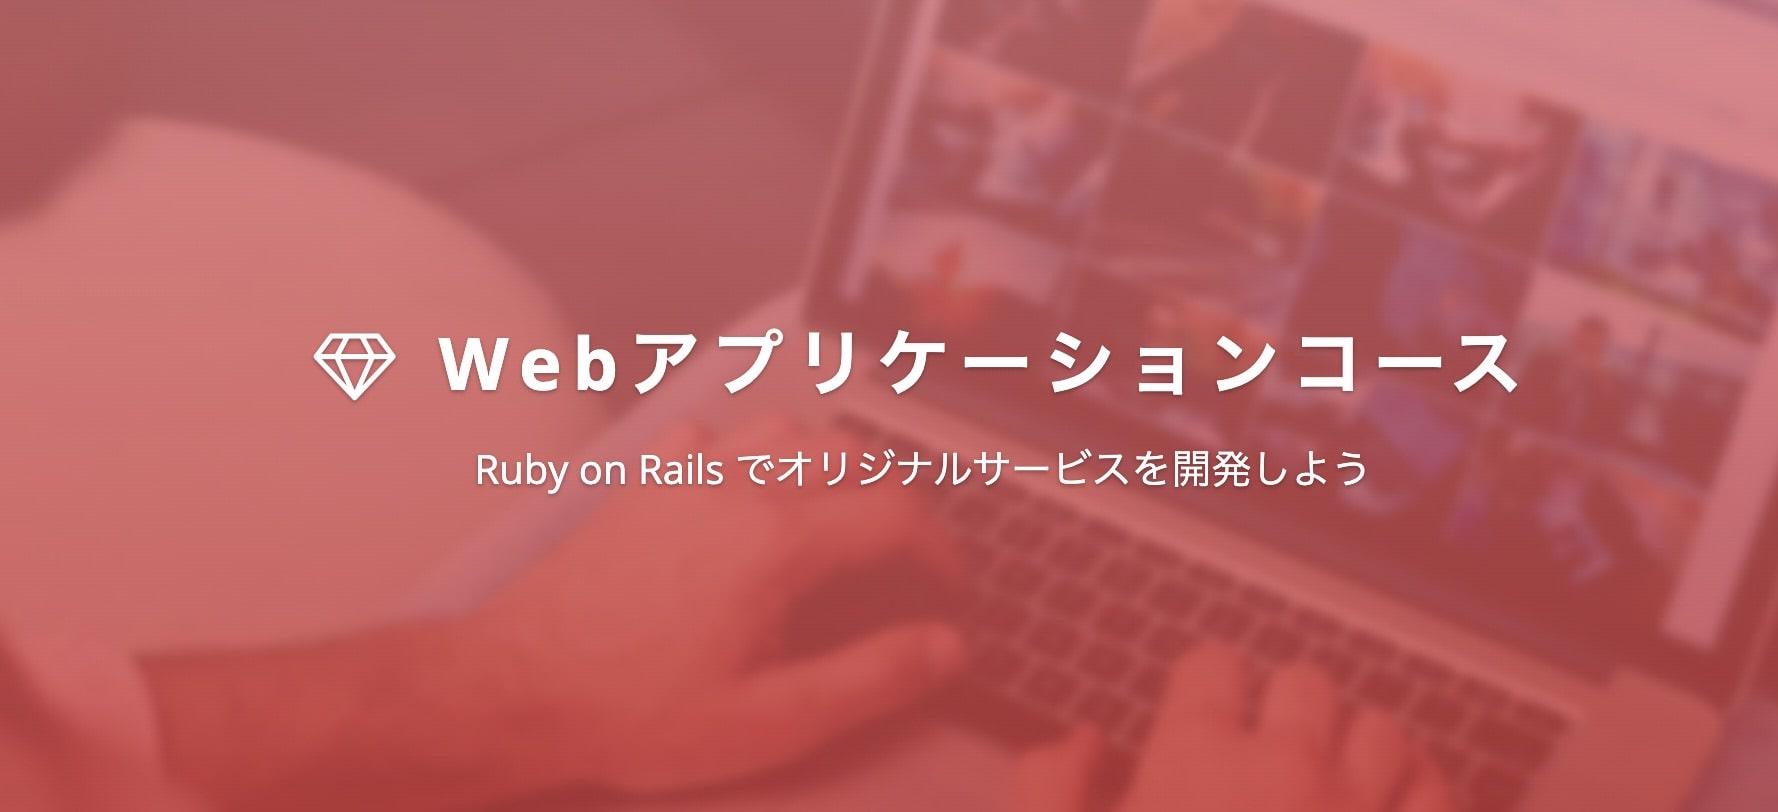 エンジニア転職で年収を伸ばしたいならTechAcademy(テックアカデミー)のWebアプリケーションコース一択